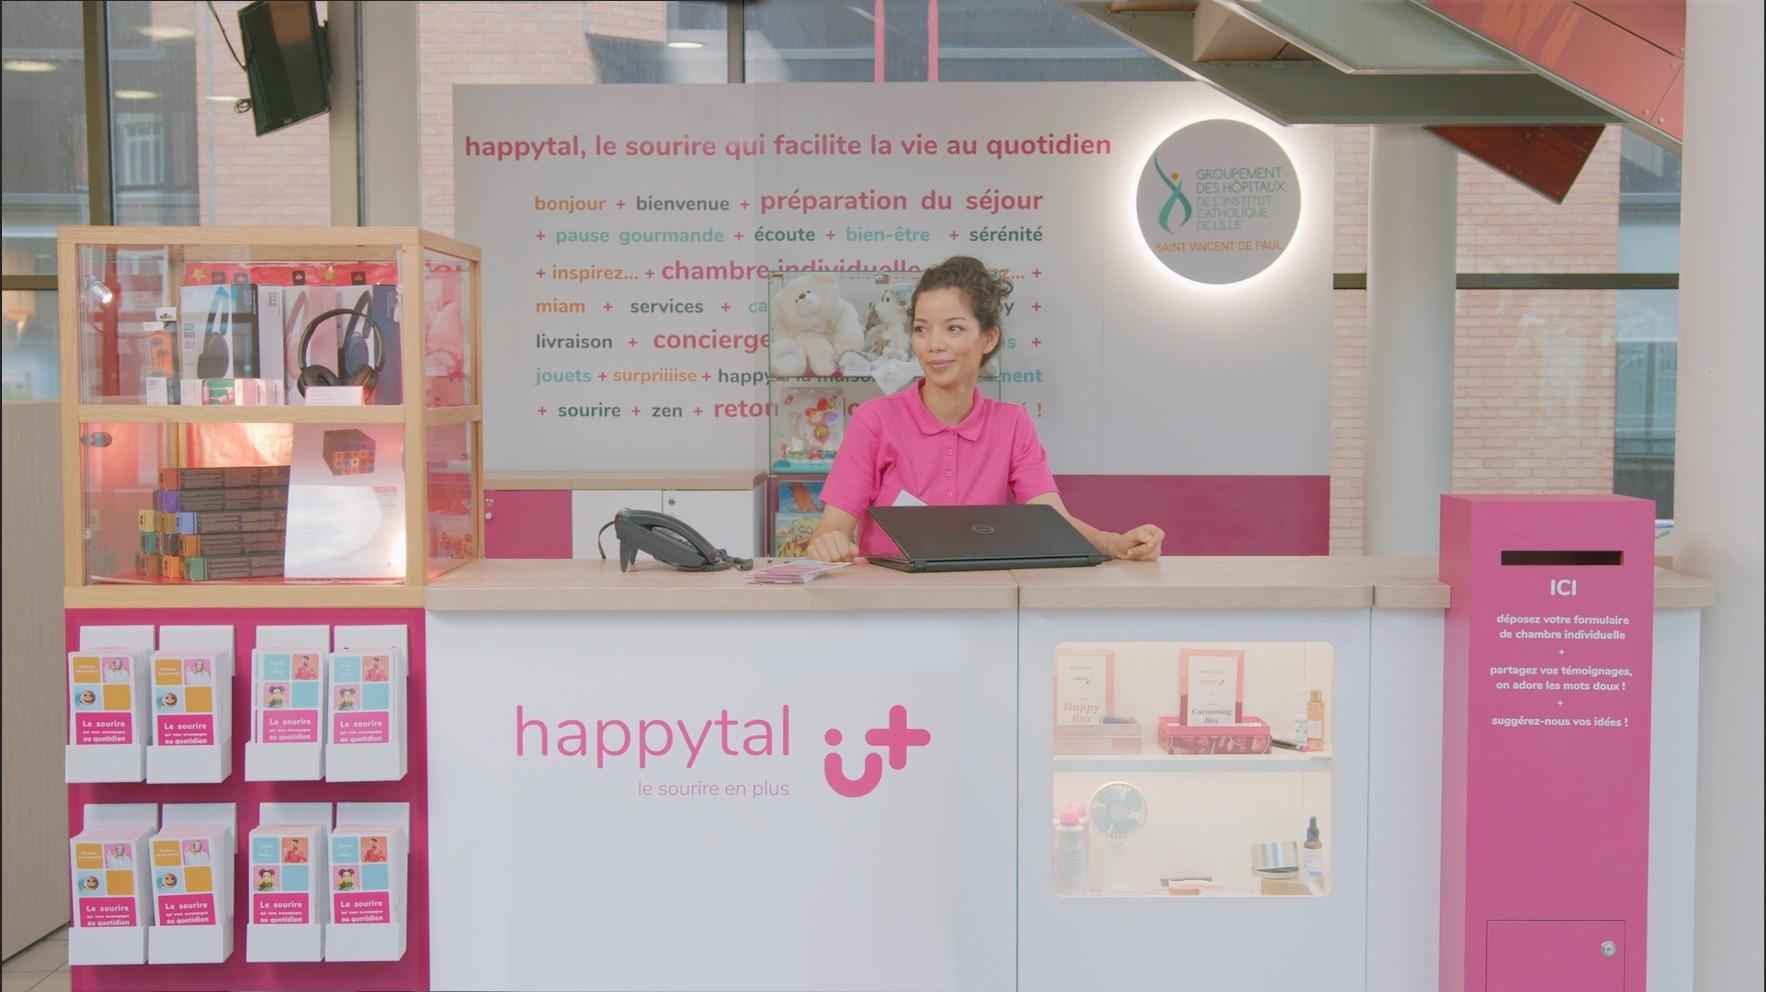 Happytal : améliorer la qualité de vie à l'hôpital